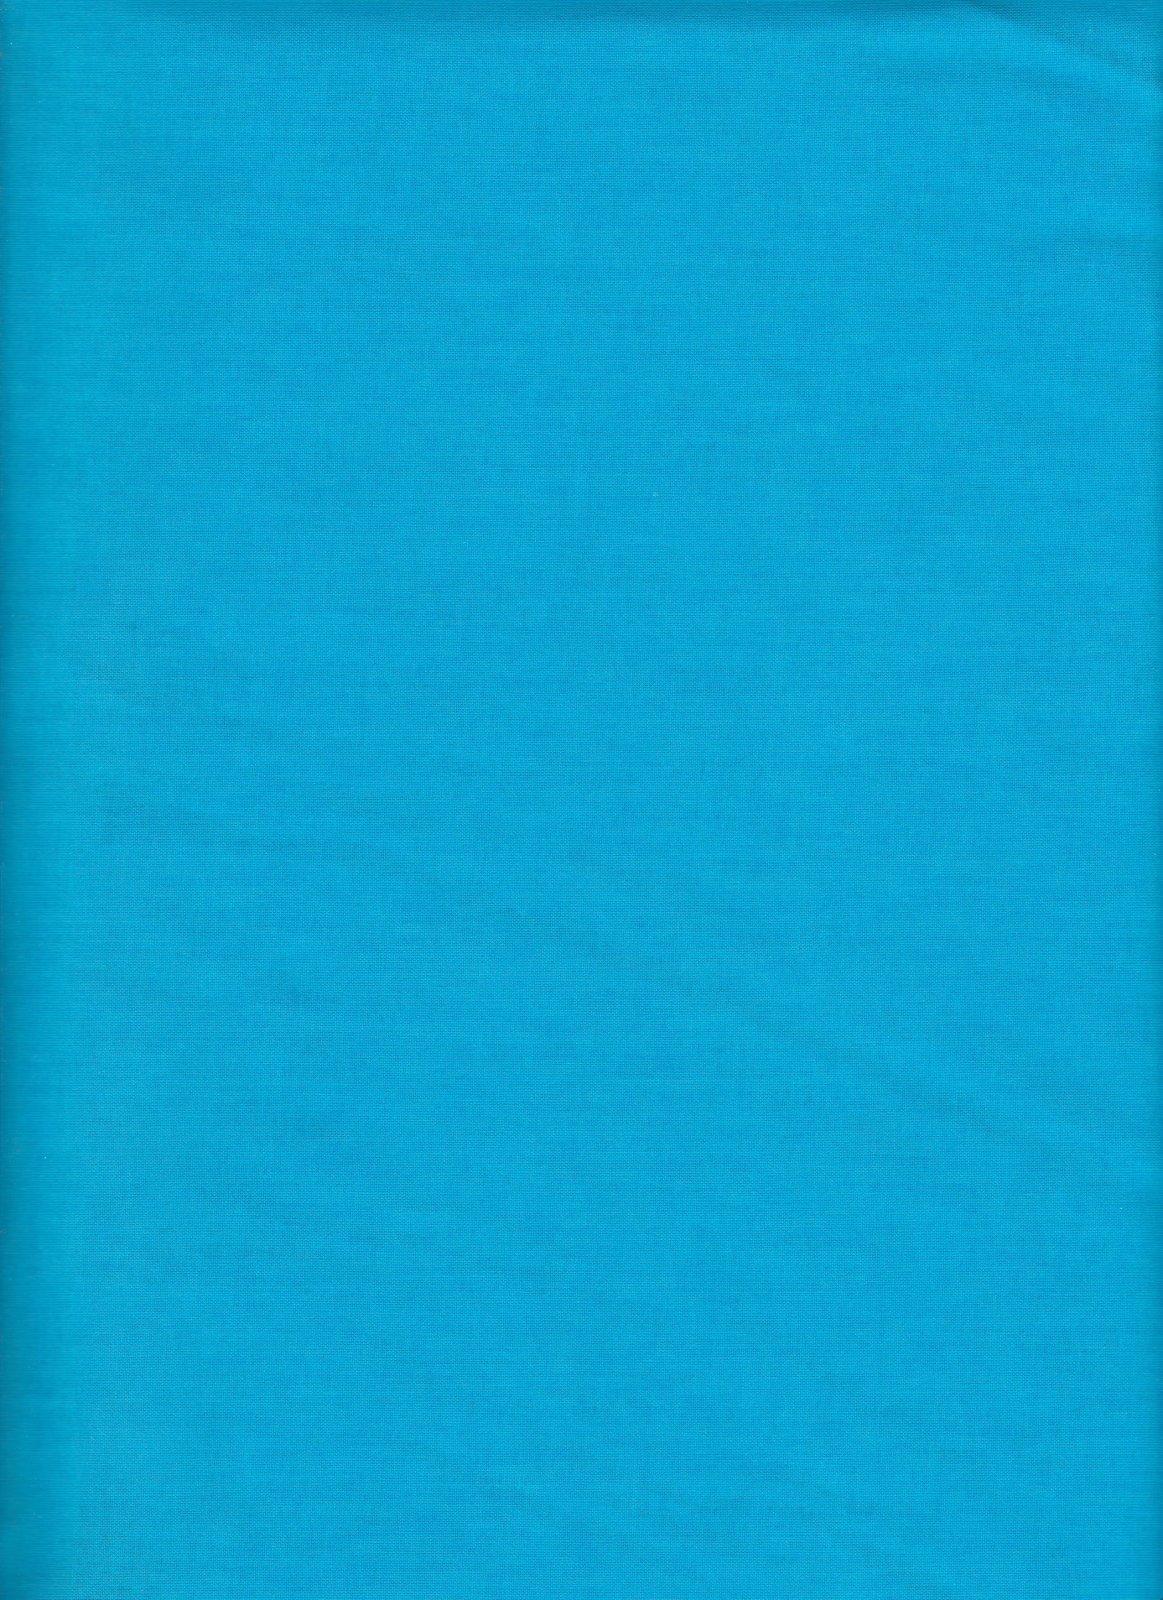 Americana Solids 62319 Dark Aqua